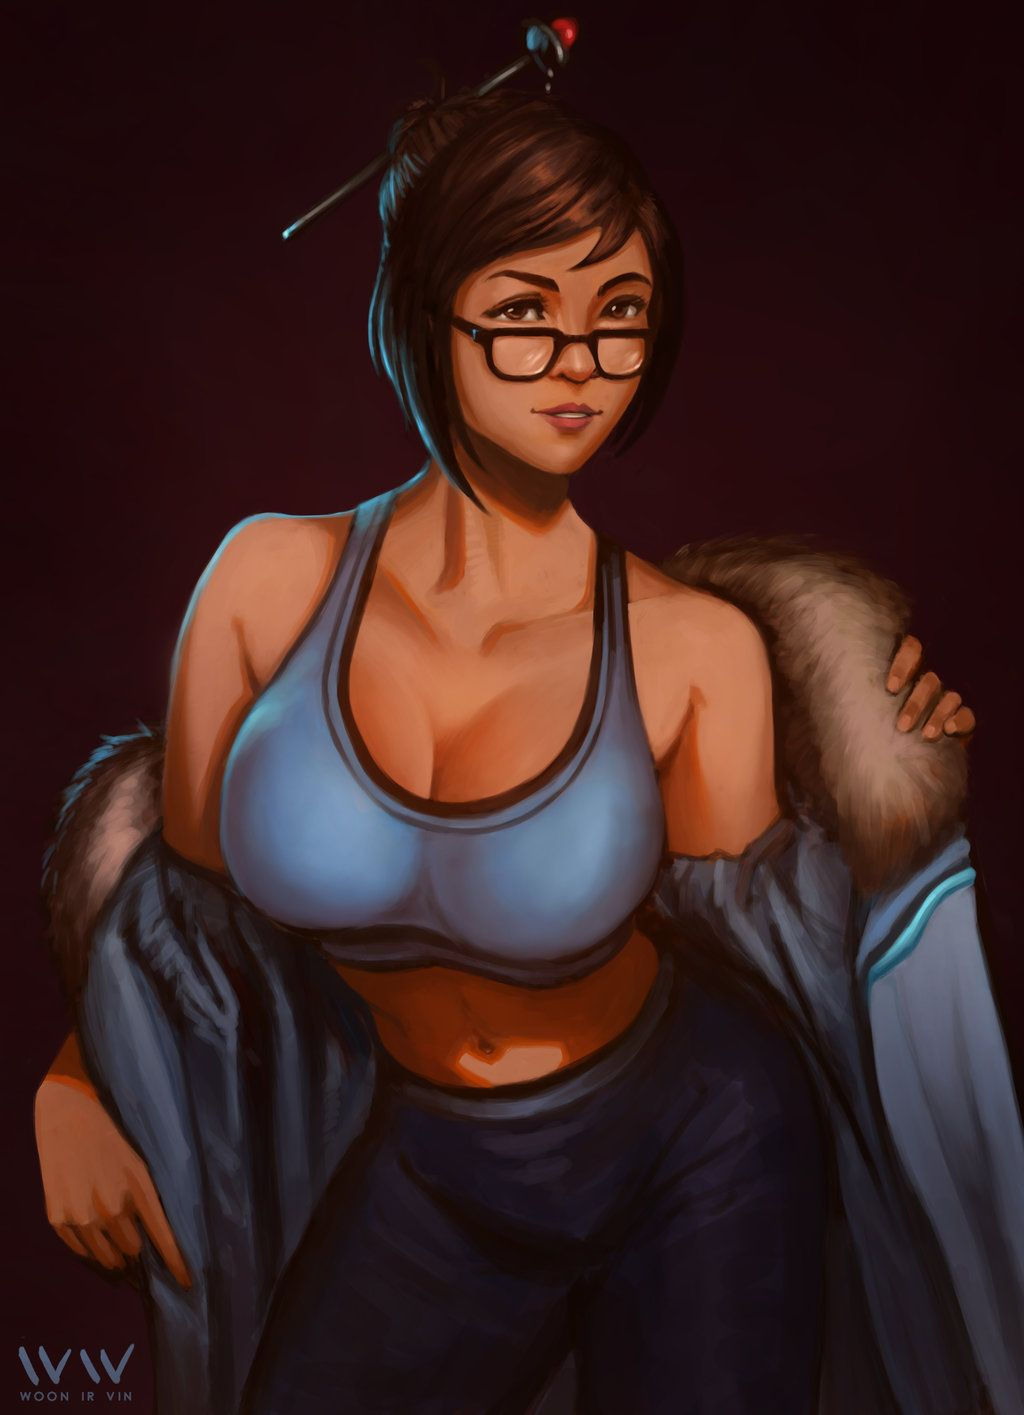 gambar hentai karakter overwatch,mei.animasi porno.foto ngentot,pamer memek,nsfw art,toket gede,chubby